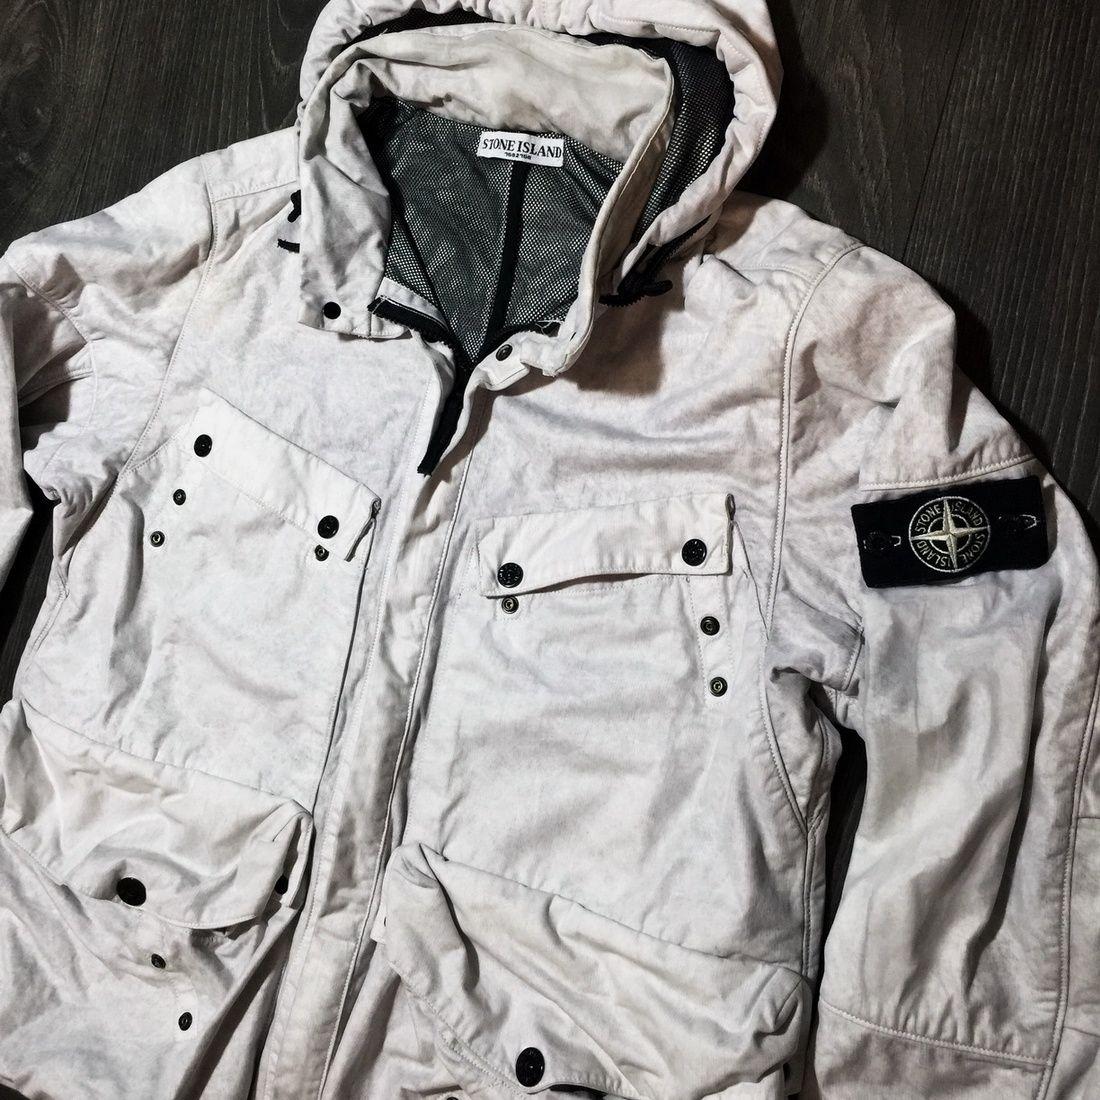 973e4f0cb Stone Island STONE ISLAND White Tyvek Jacket XL size L Coat RARE ITALY  EXTRA RARE 54